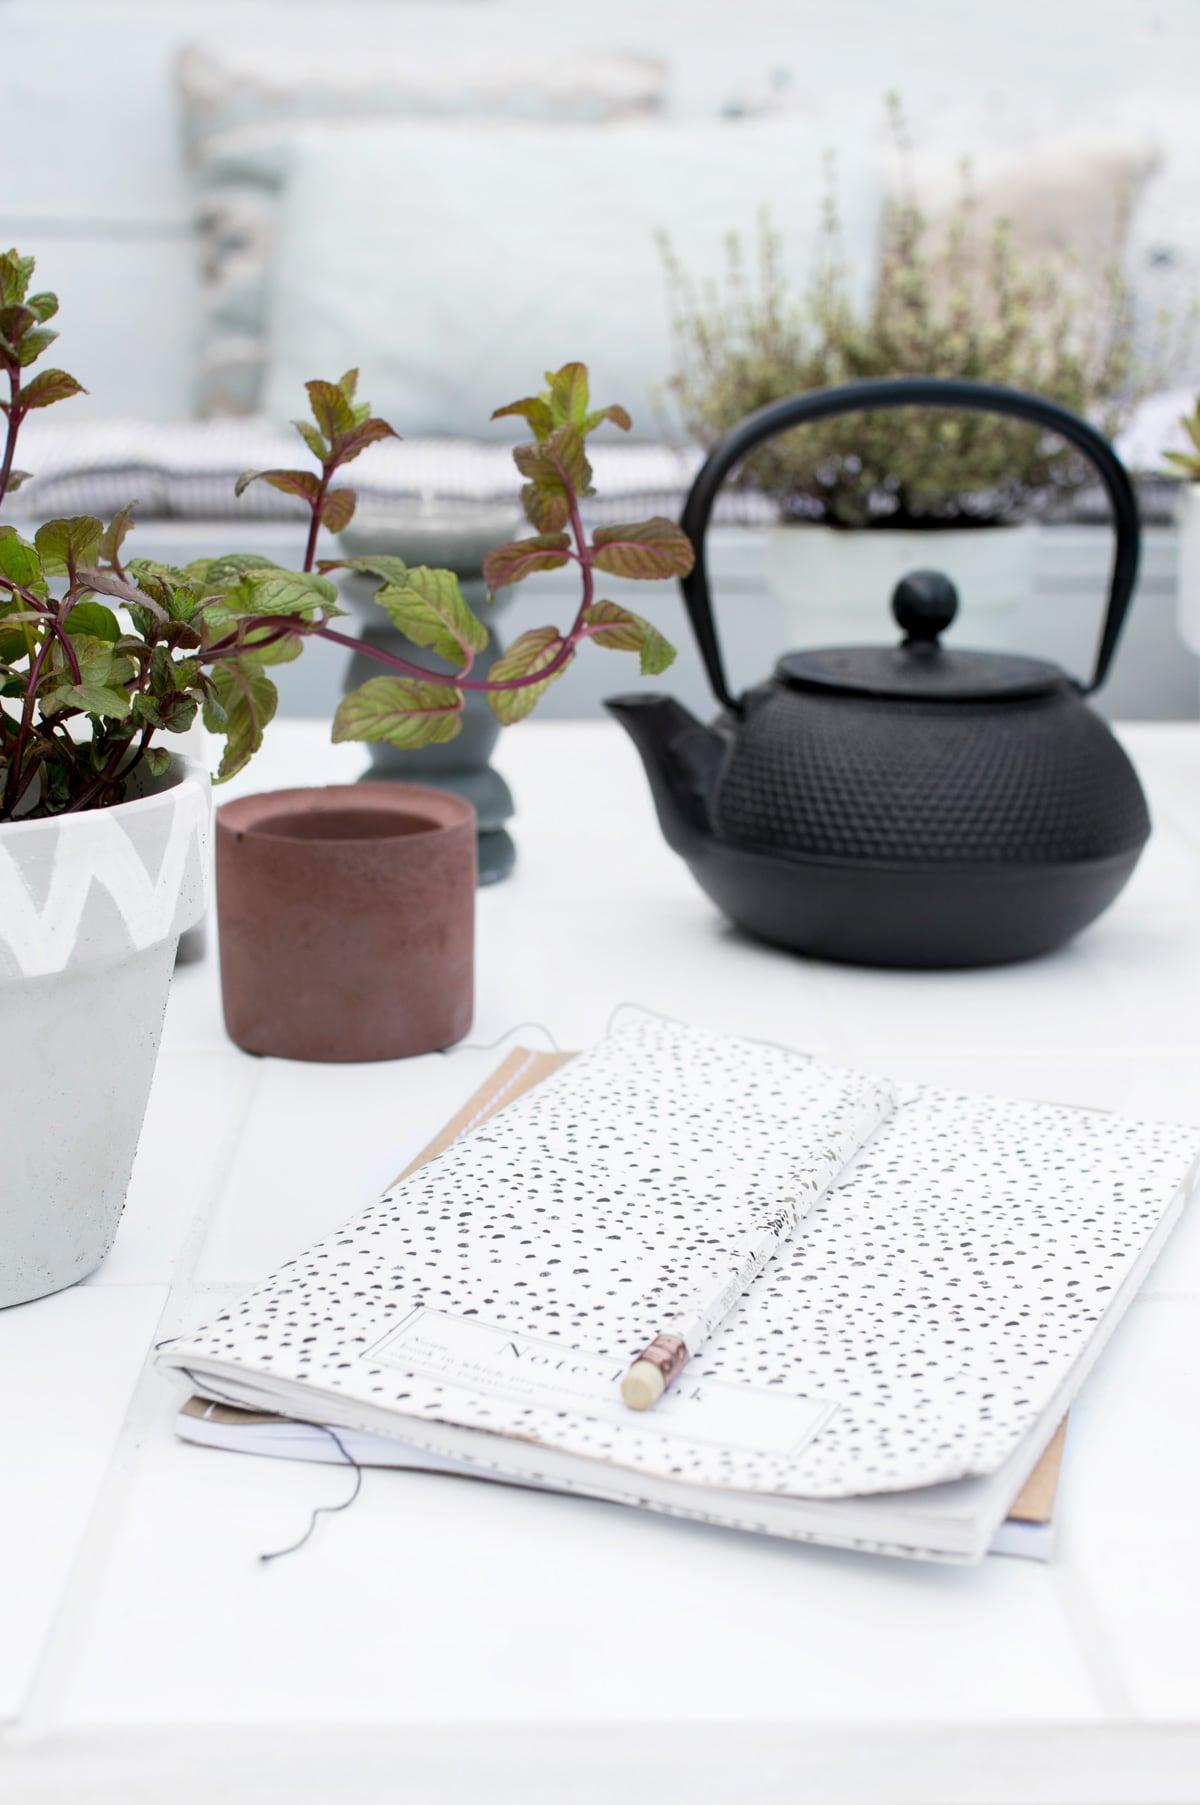 DIY tuintafel recycle - Tanja van Hoogdalem